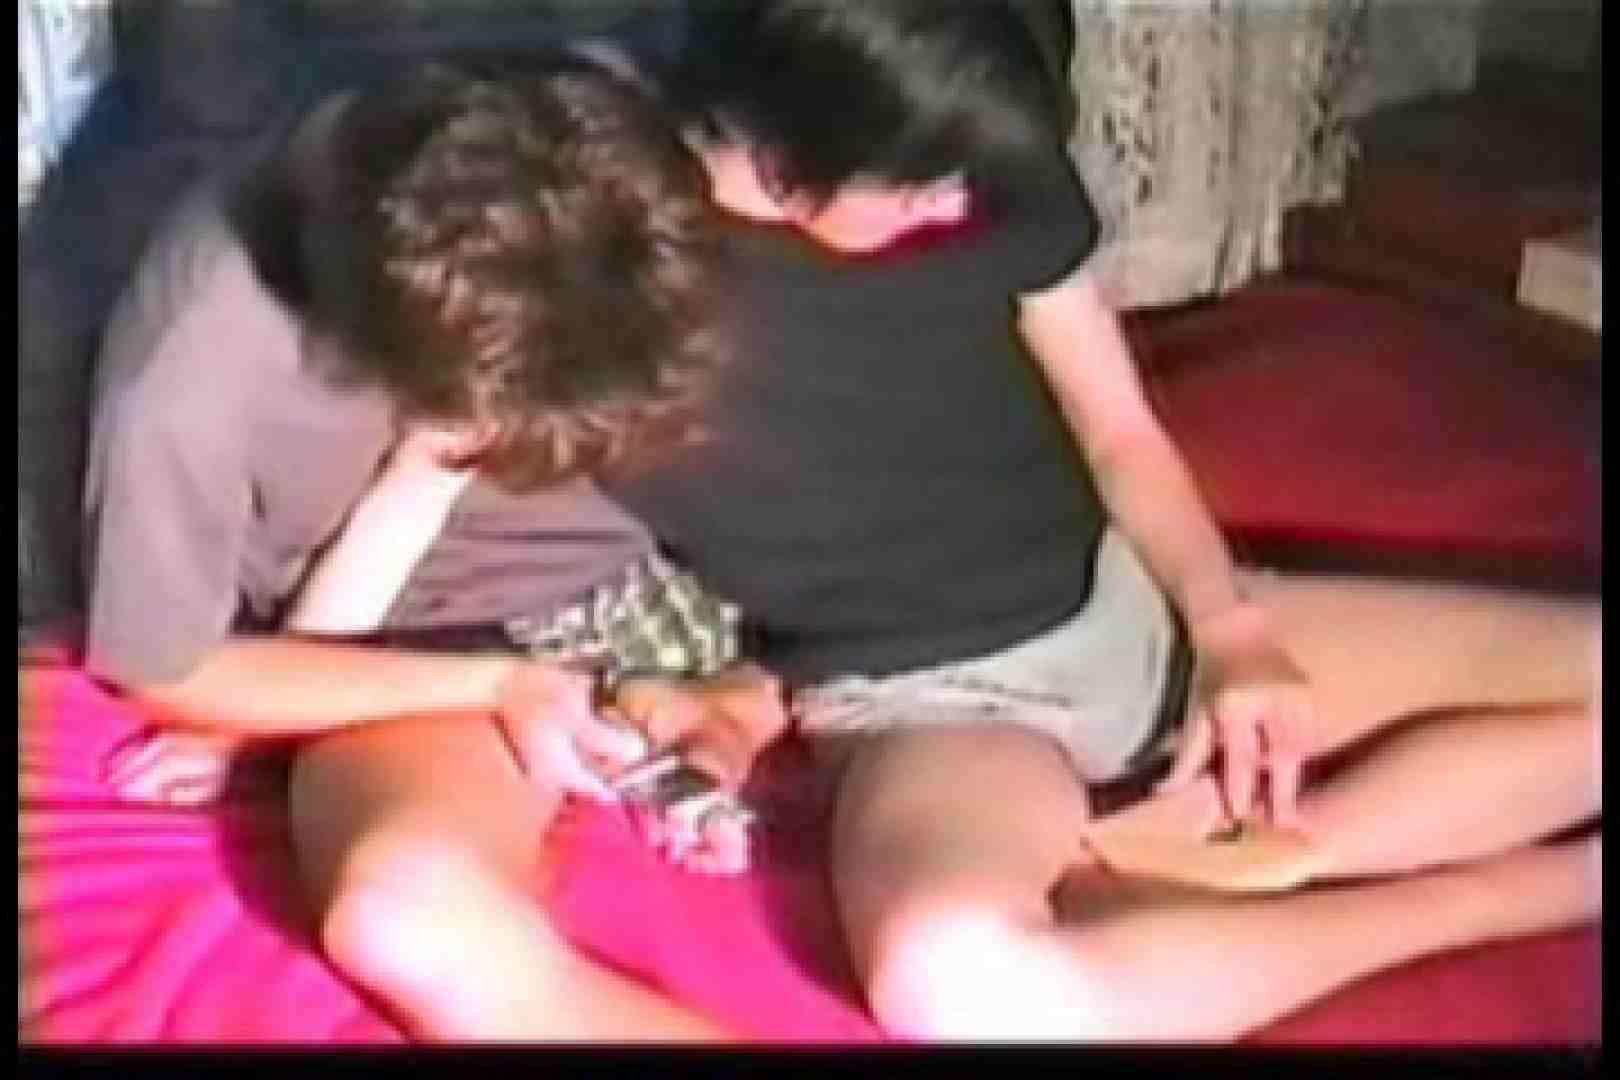 【投稿作品】秘蔵流出ビデオ!!甘い追憶 素人のゲイ達 ゲイ流出動画キャプチャ 7枚 3